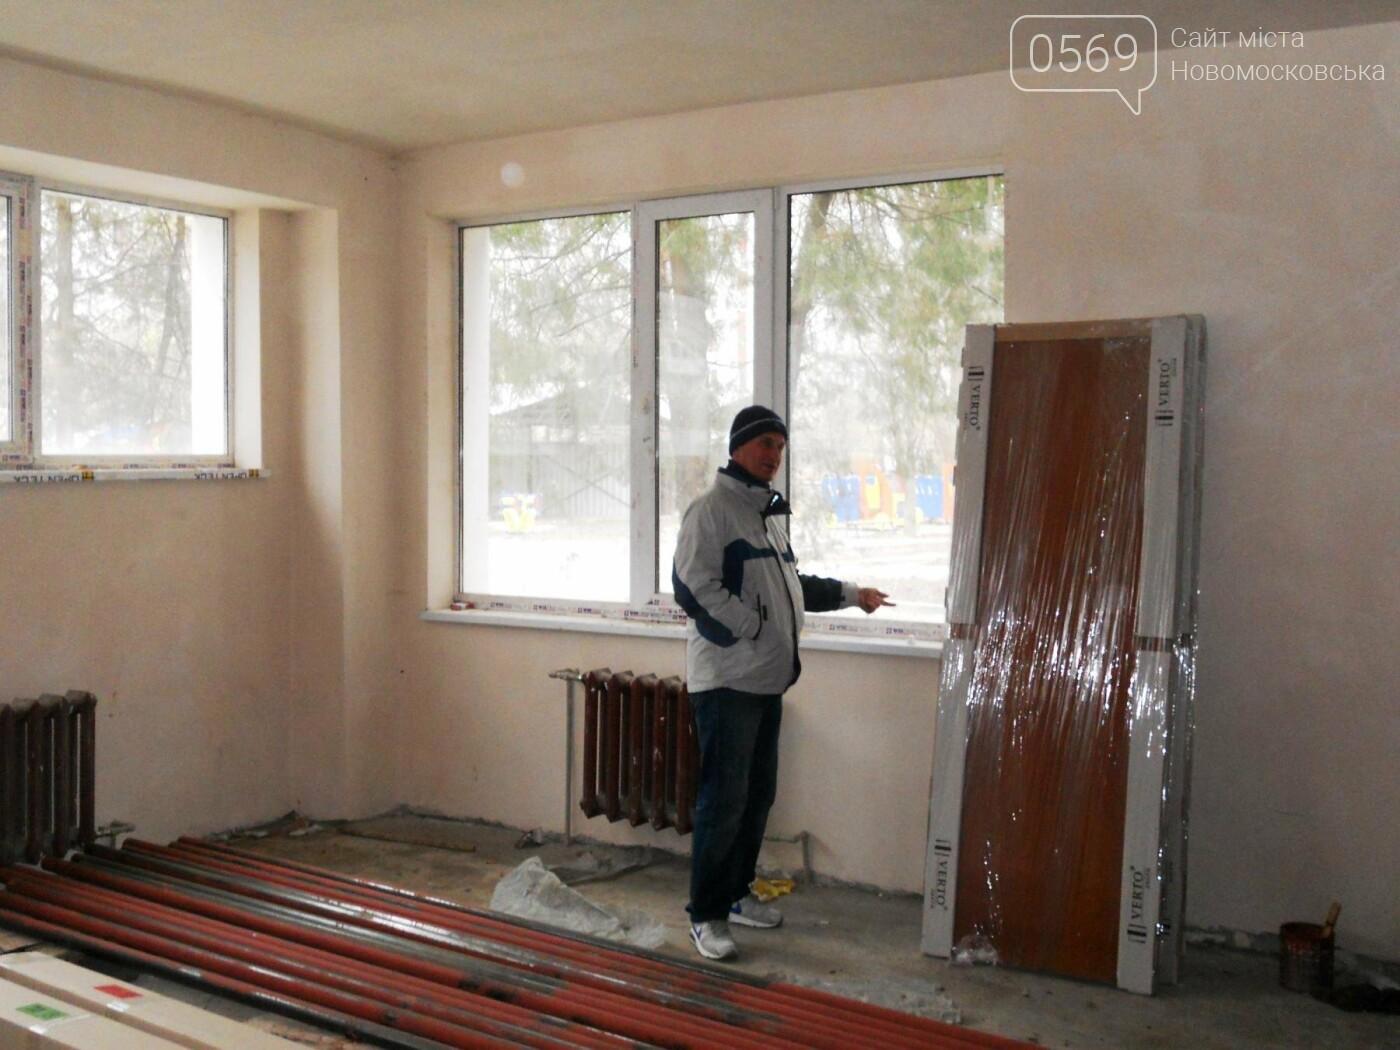 Детсад «Чебурашка» в Новомосковске: реконструкция завершается, а крыша течет, фото-9